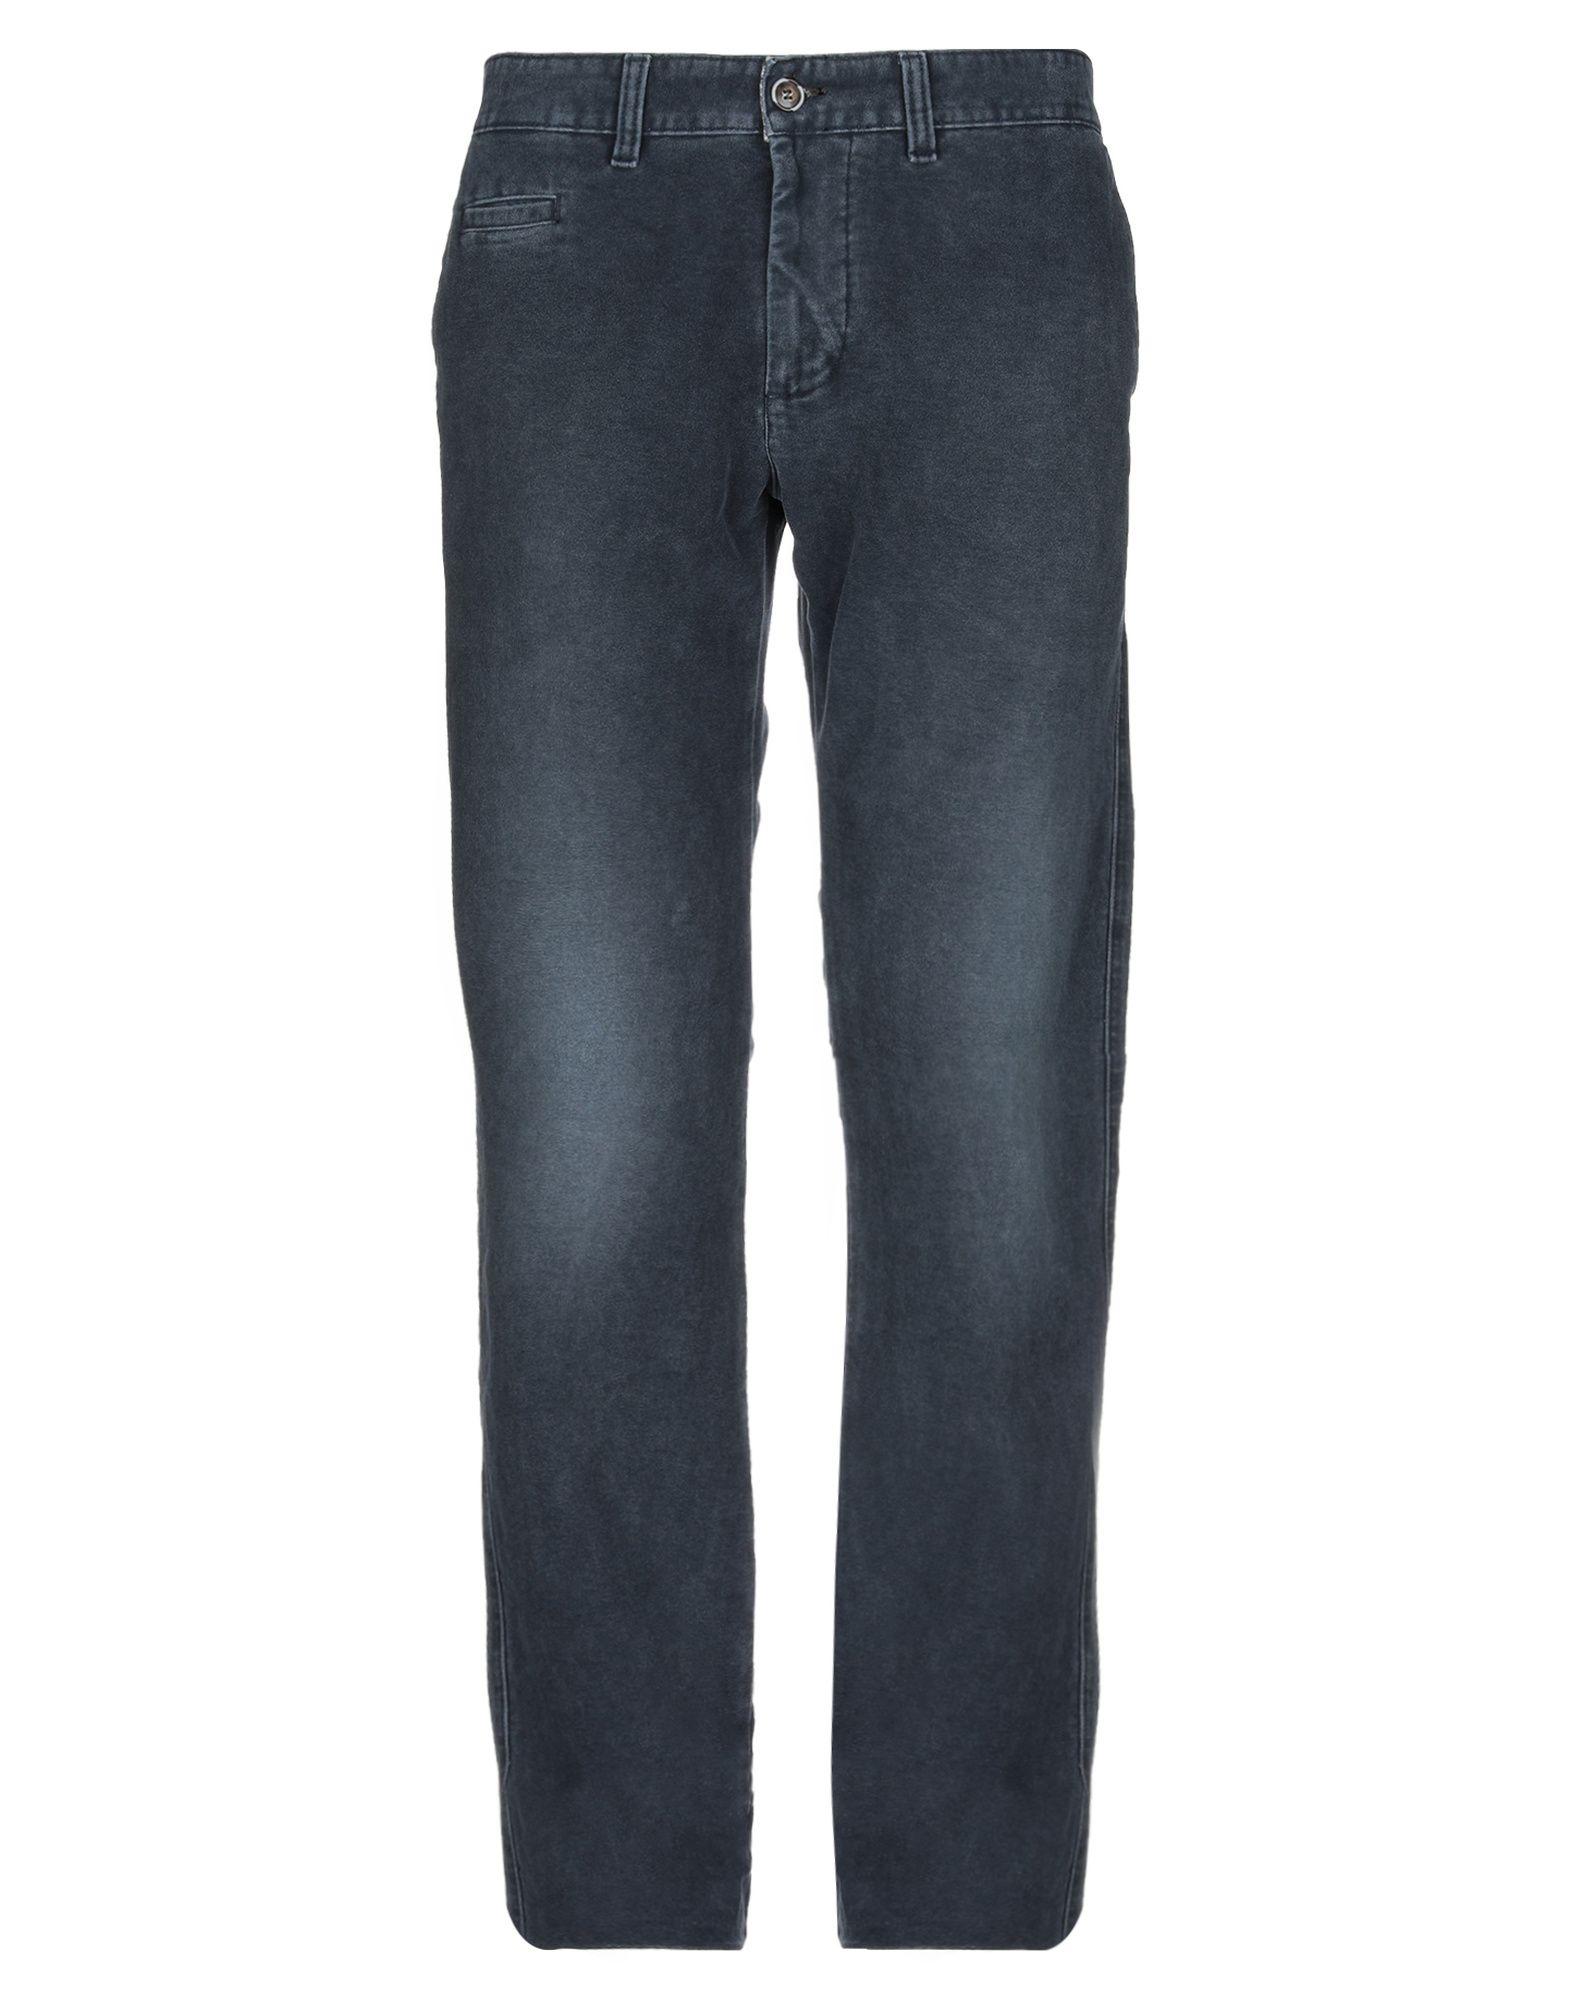 《期間限定セール中》ALV ANDARE LONTANO VIAGGIANDO メンズ パンツ ブルーグレー 54 コットン 100%